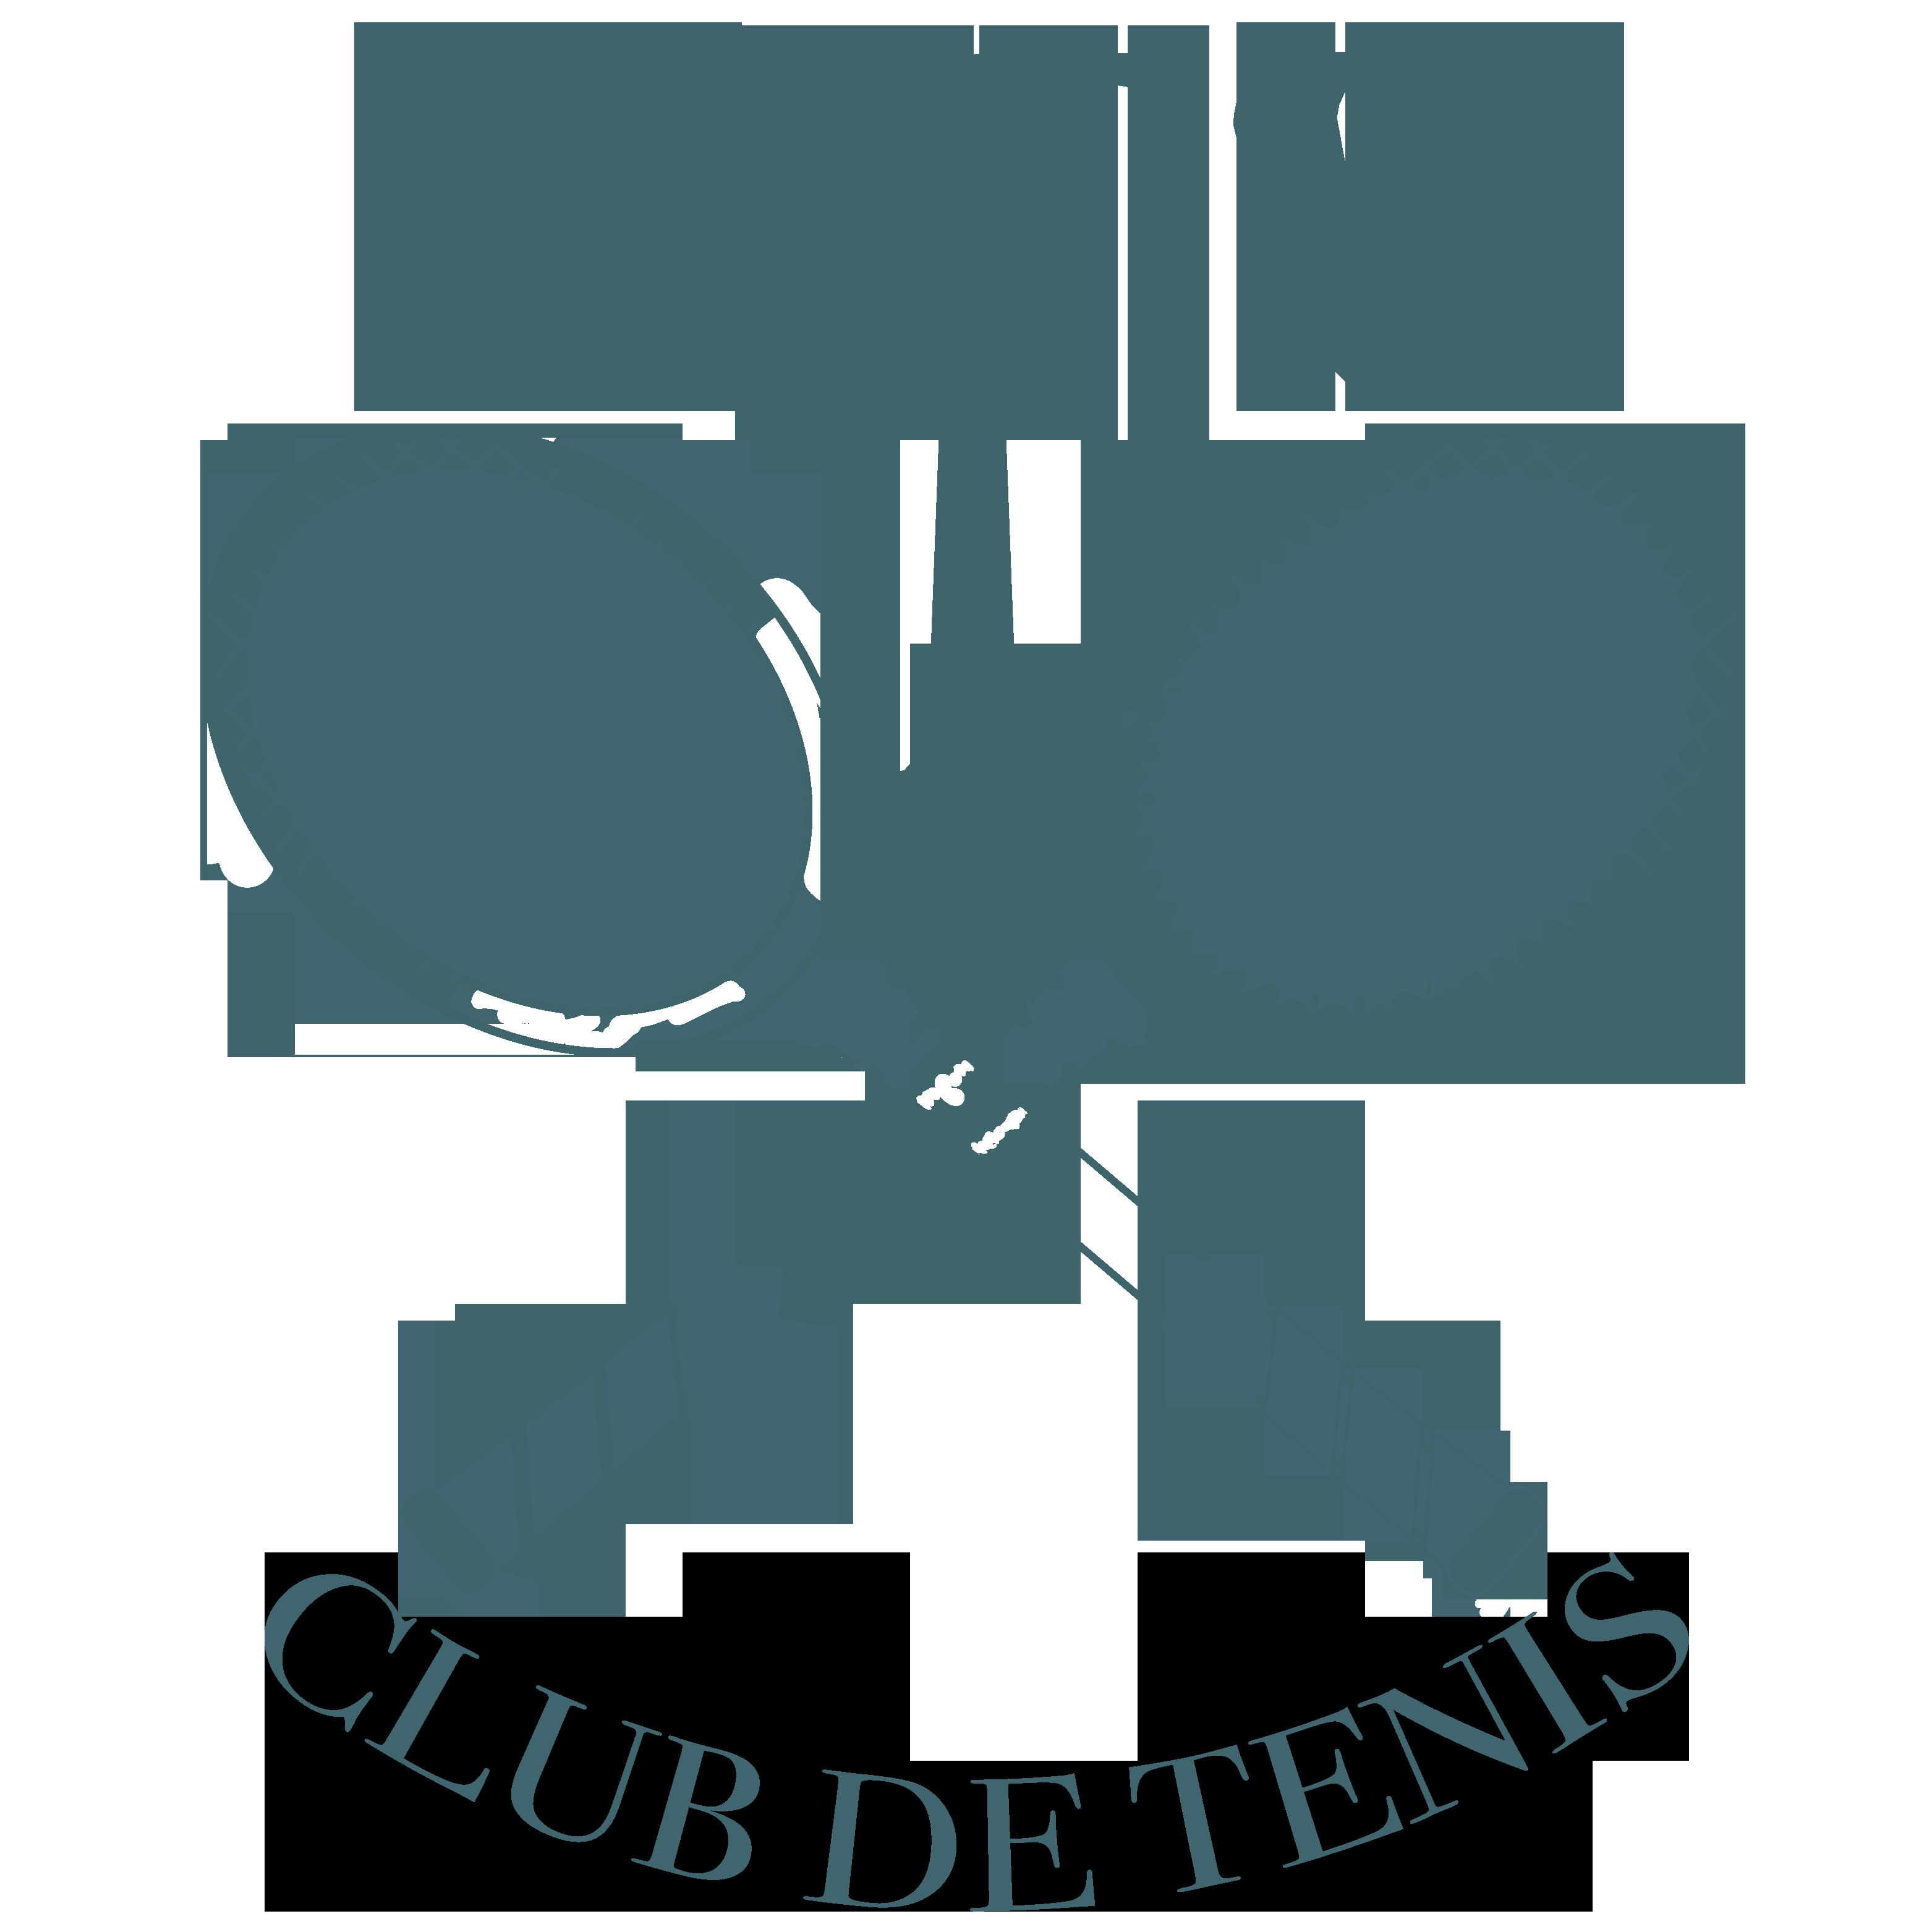 Club de Tenis Caudete